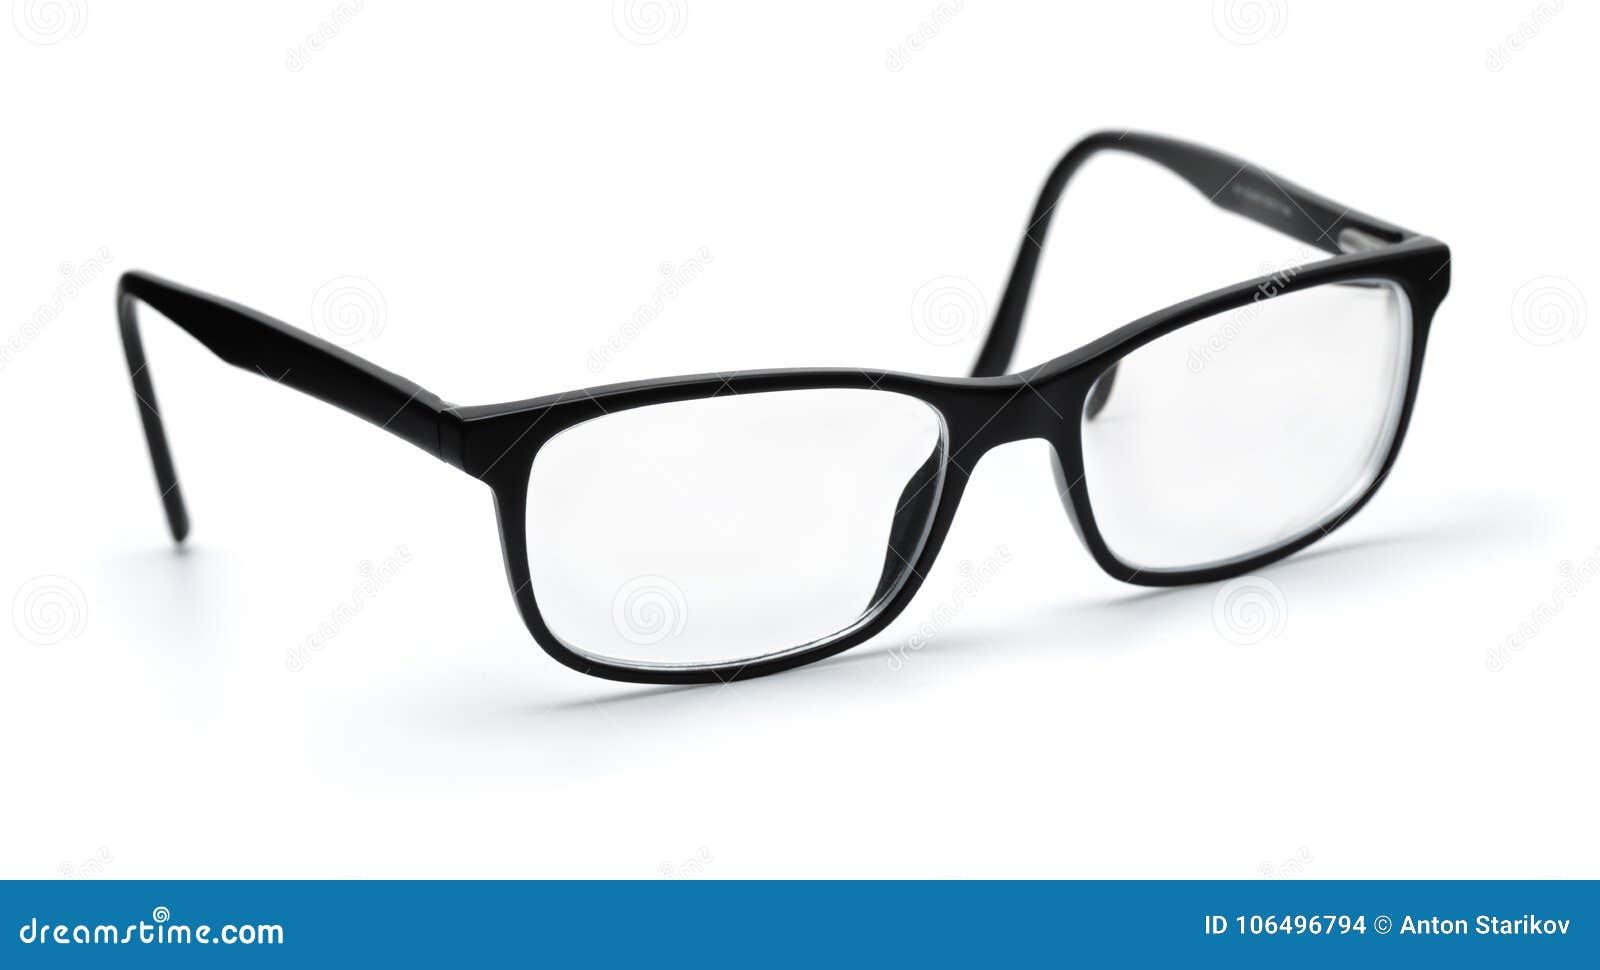 Occhiali classici